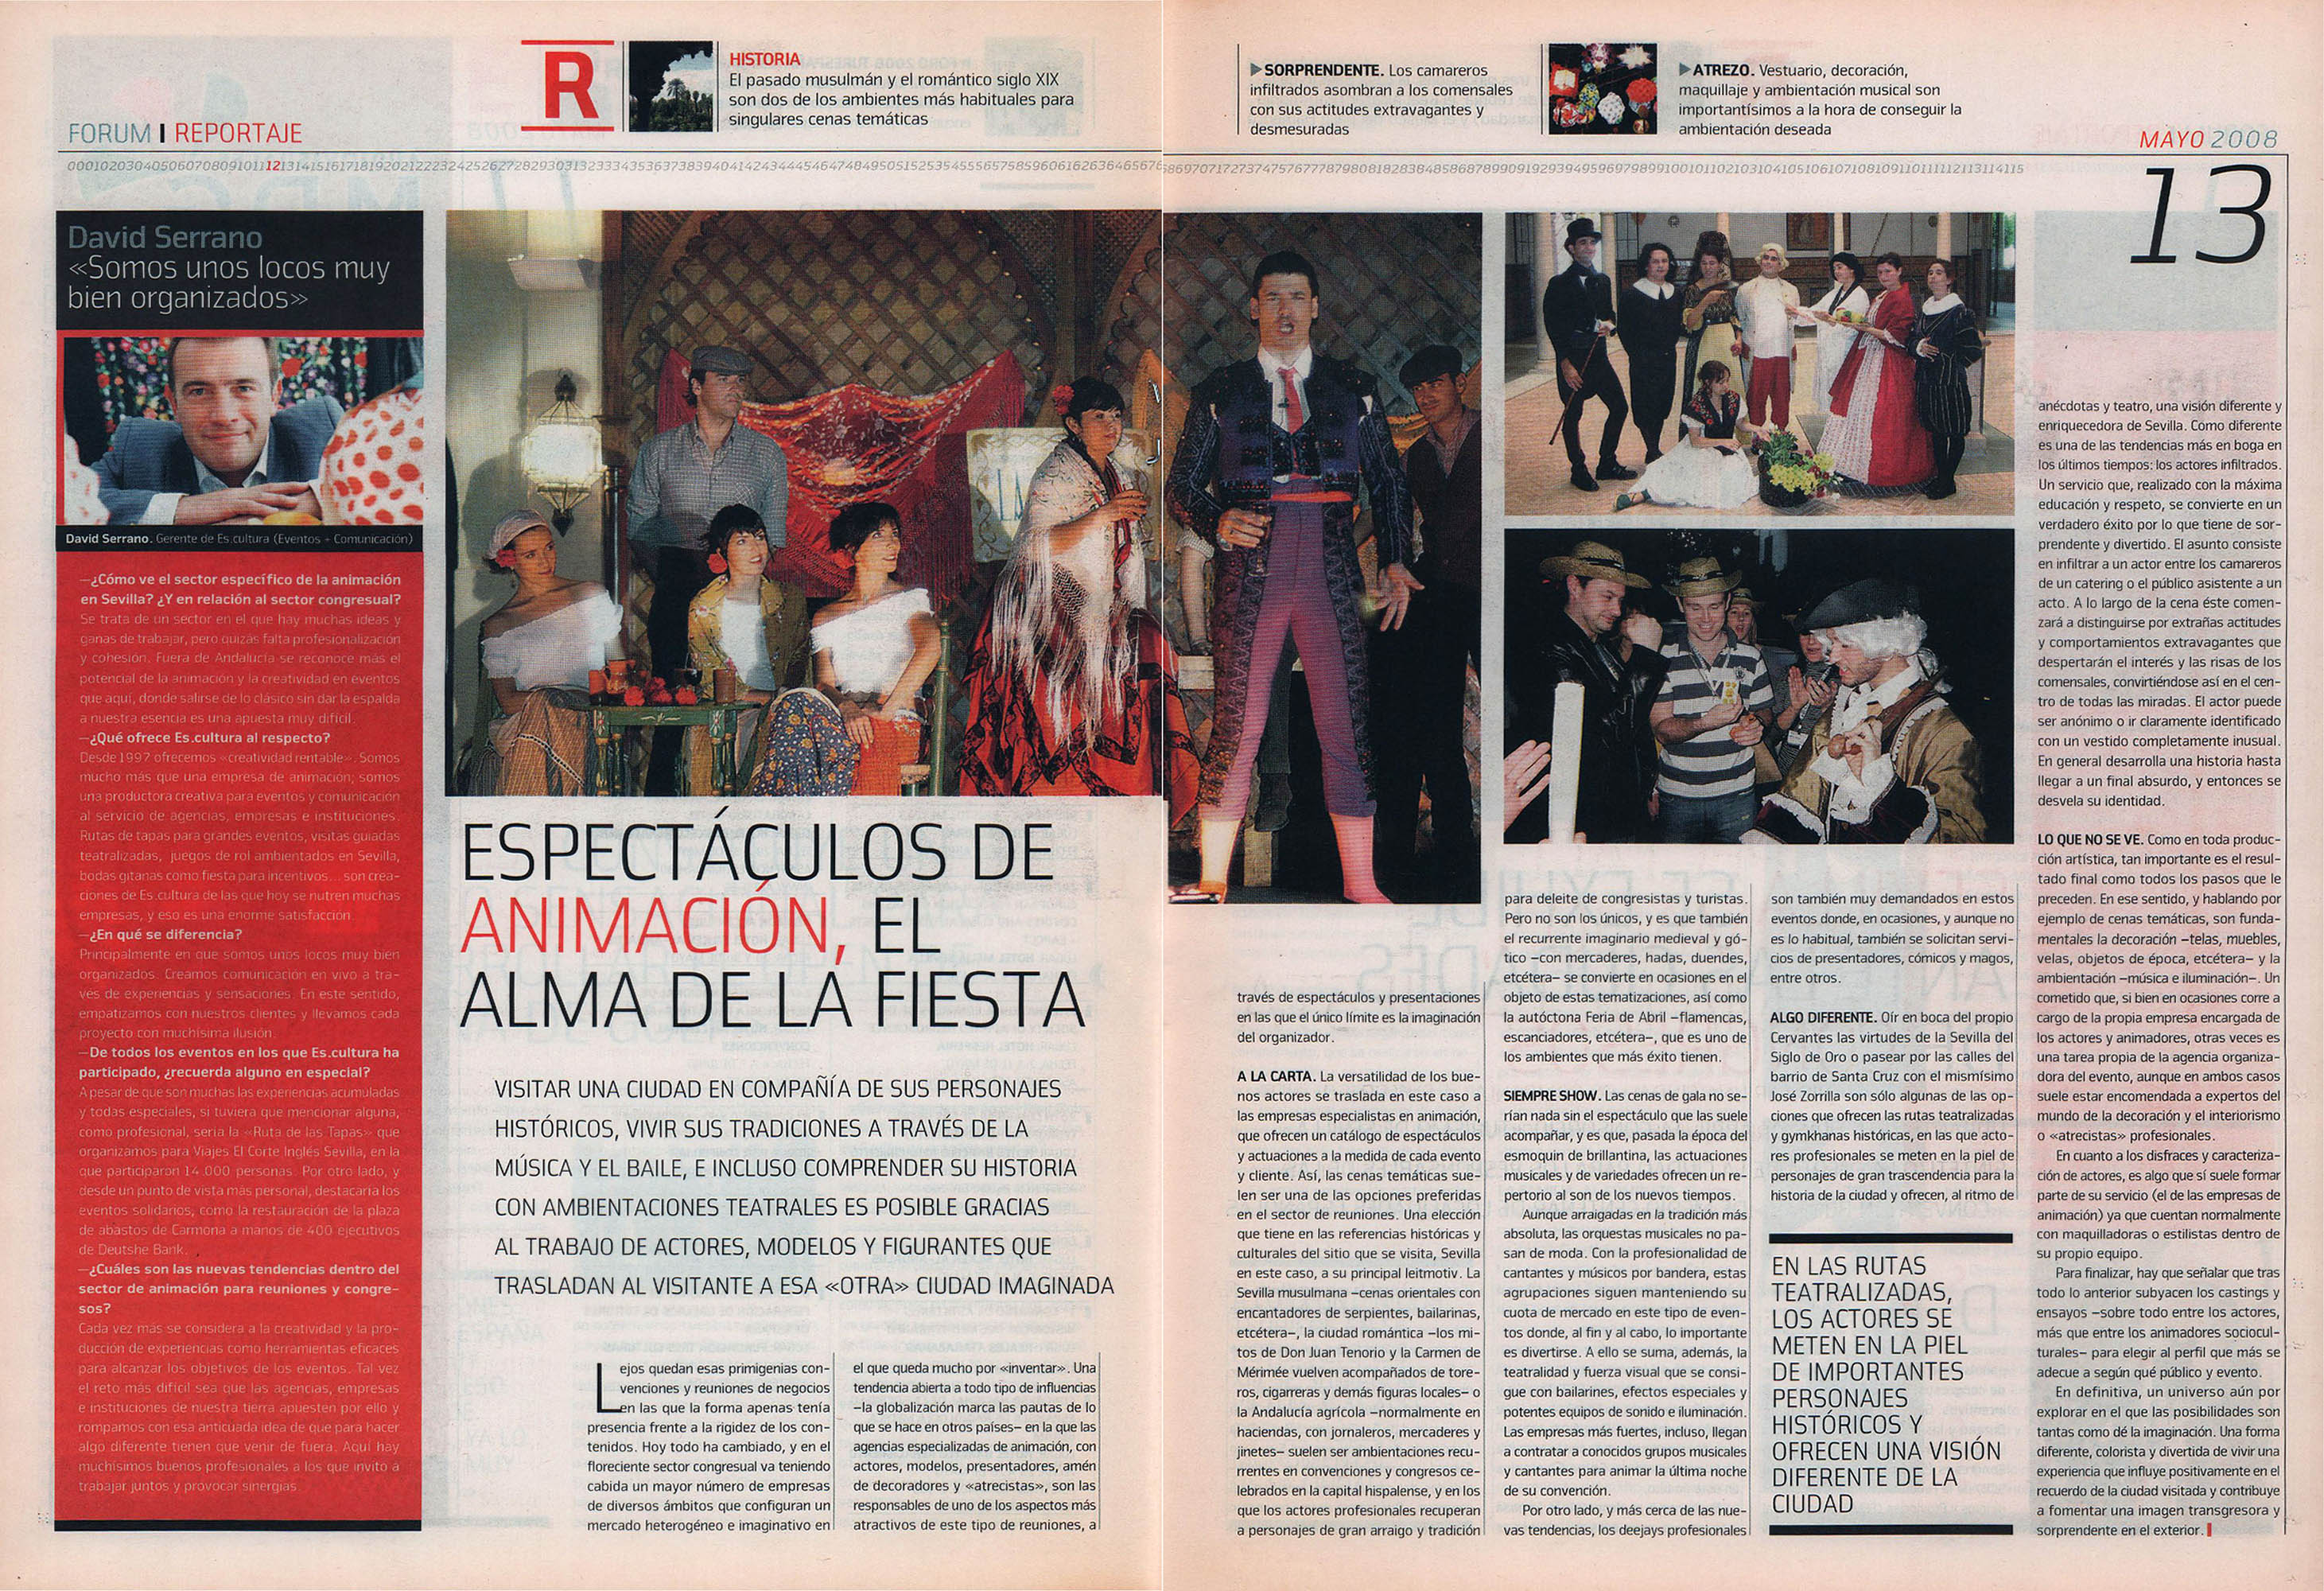 Espectáculos de animación: el alma de la fiesta | David Serrano, Es.cultura: «Somos unos locos muy bien organizados» | Fórum - ABC de Sevilla | may 2008